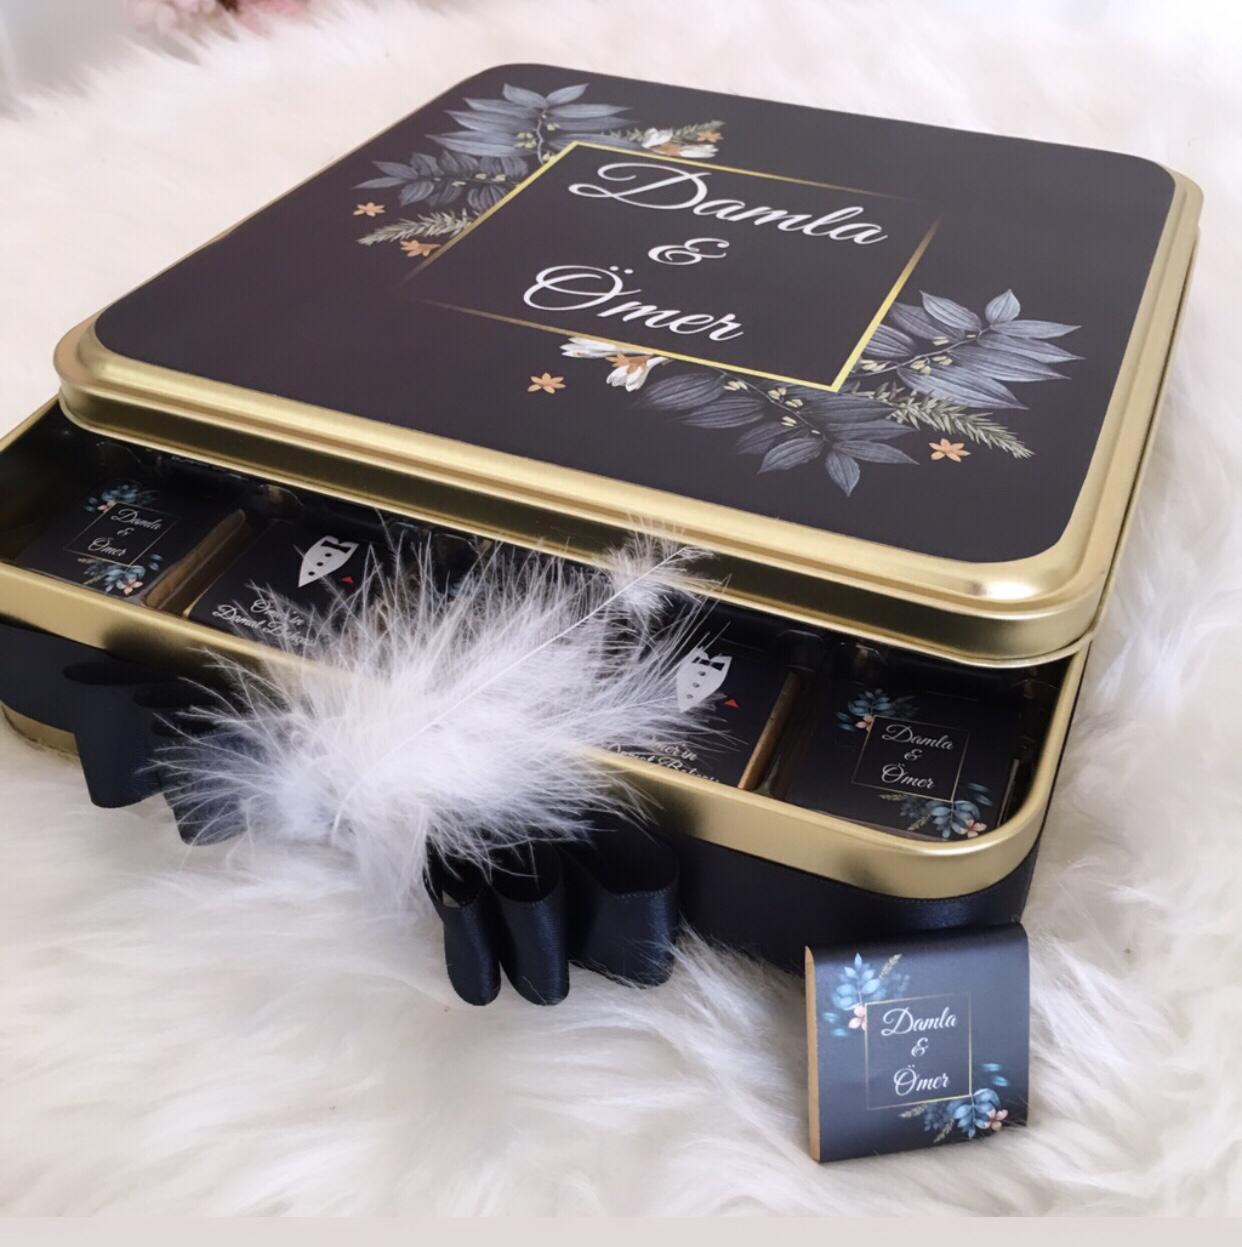 Damat Bohça çikolatası altın metal kutulu